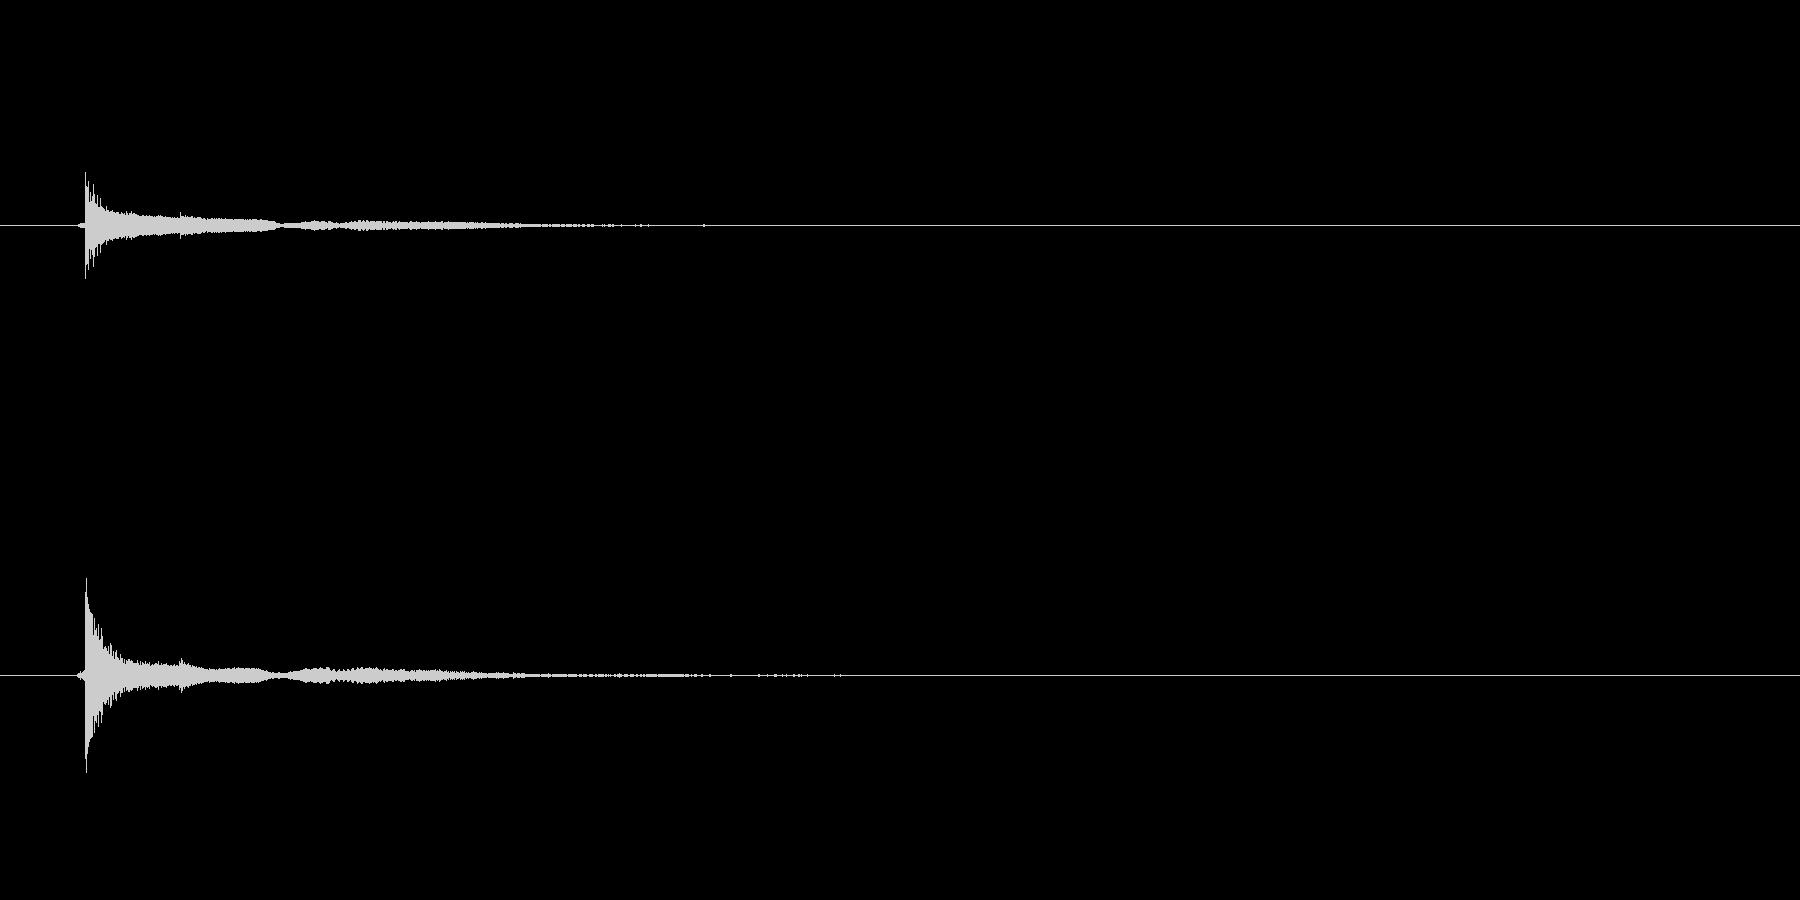 「ピヨーン(コミカルな軽い打撃音)」の未再生の波形